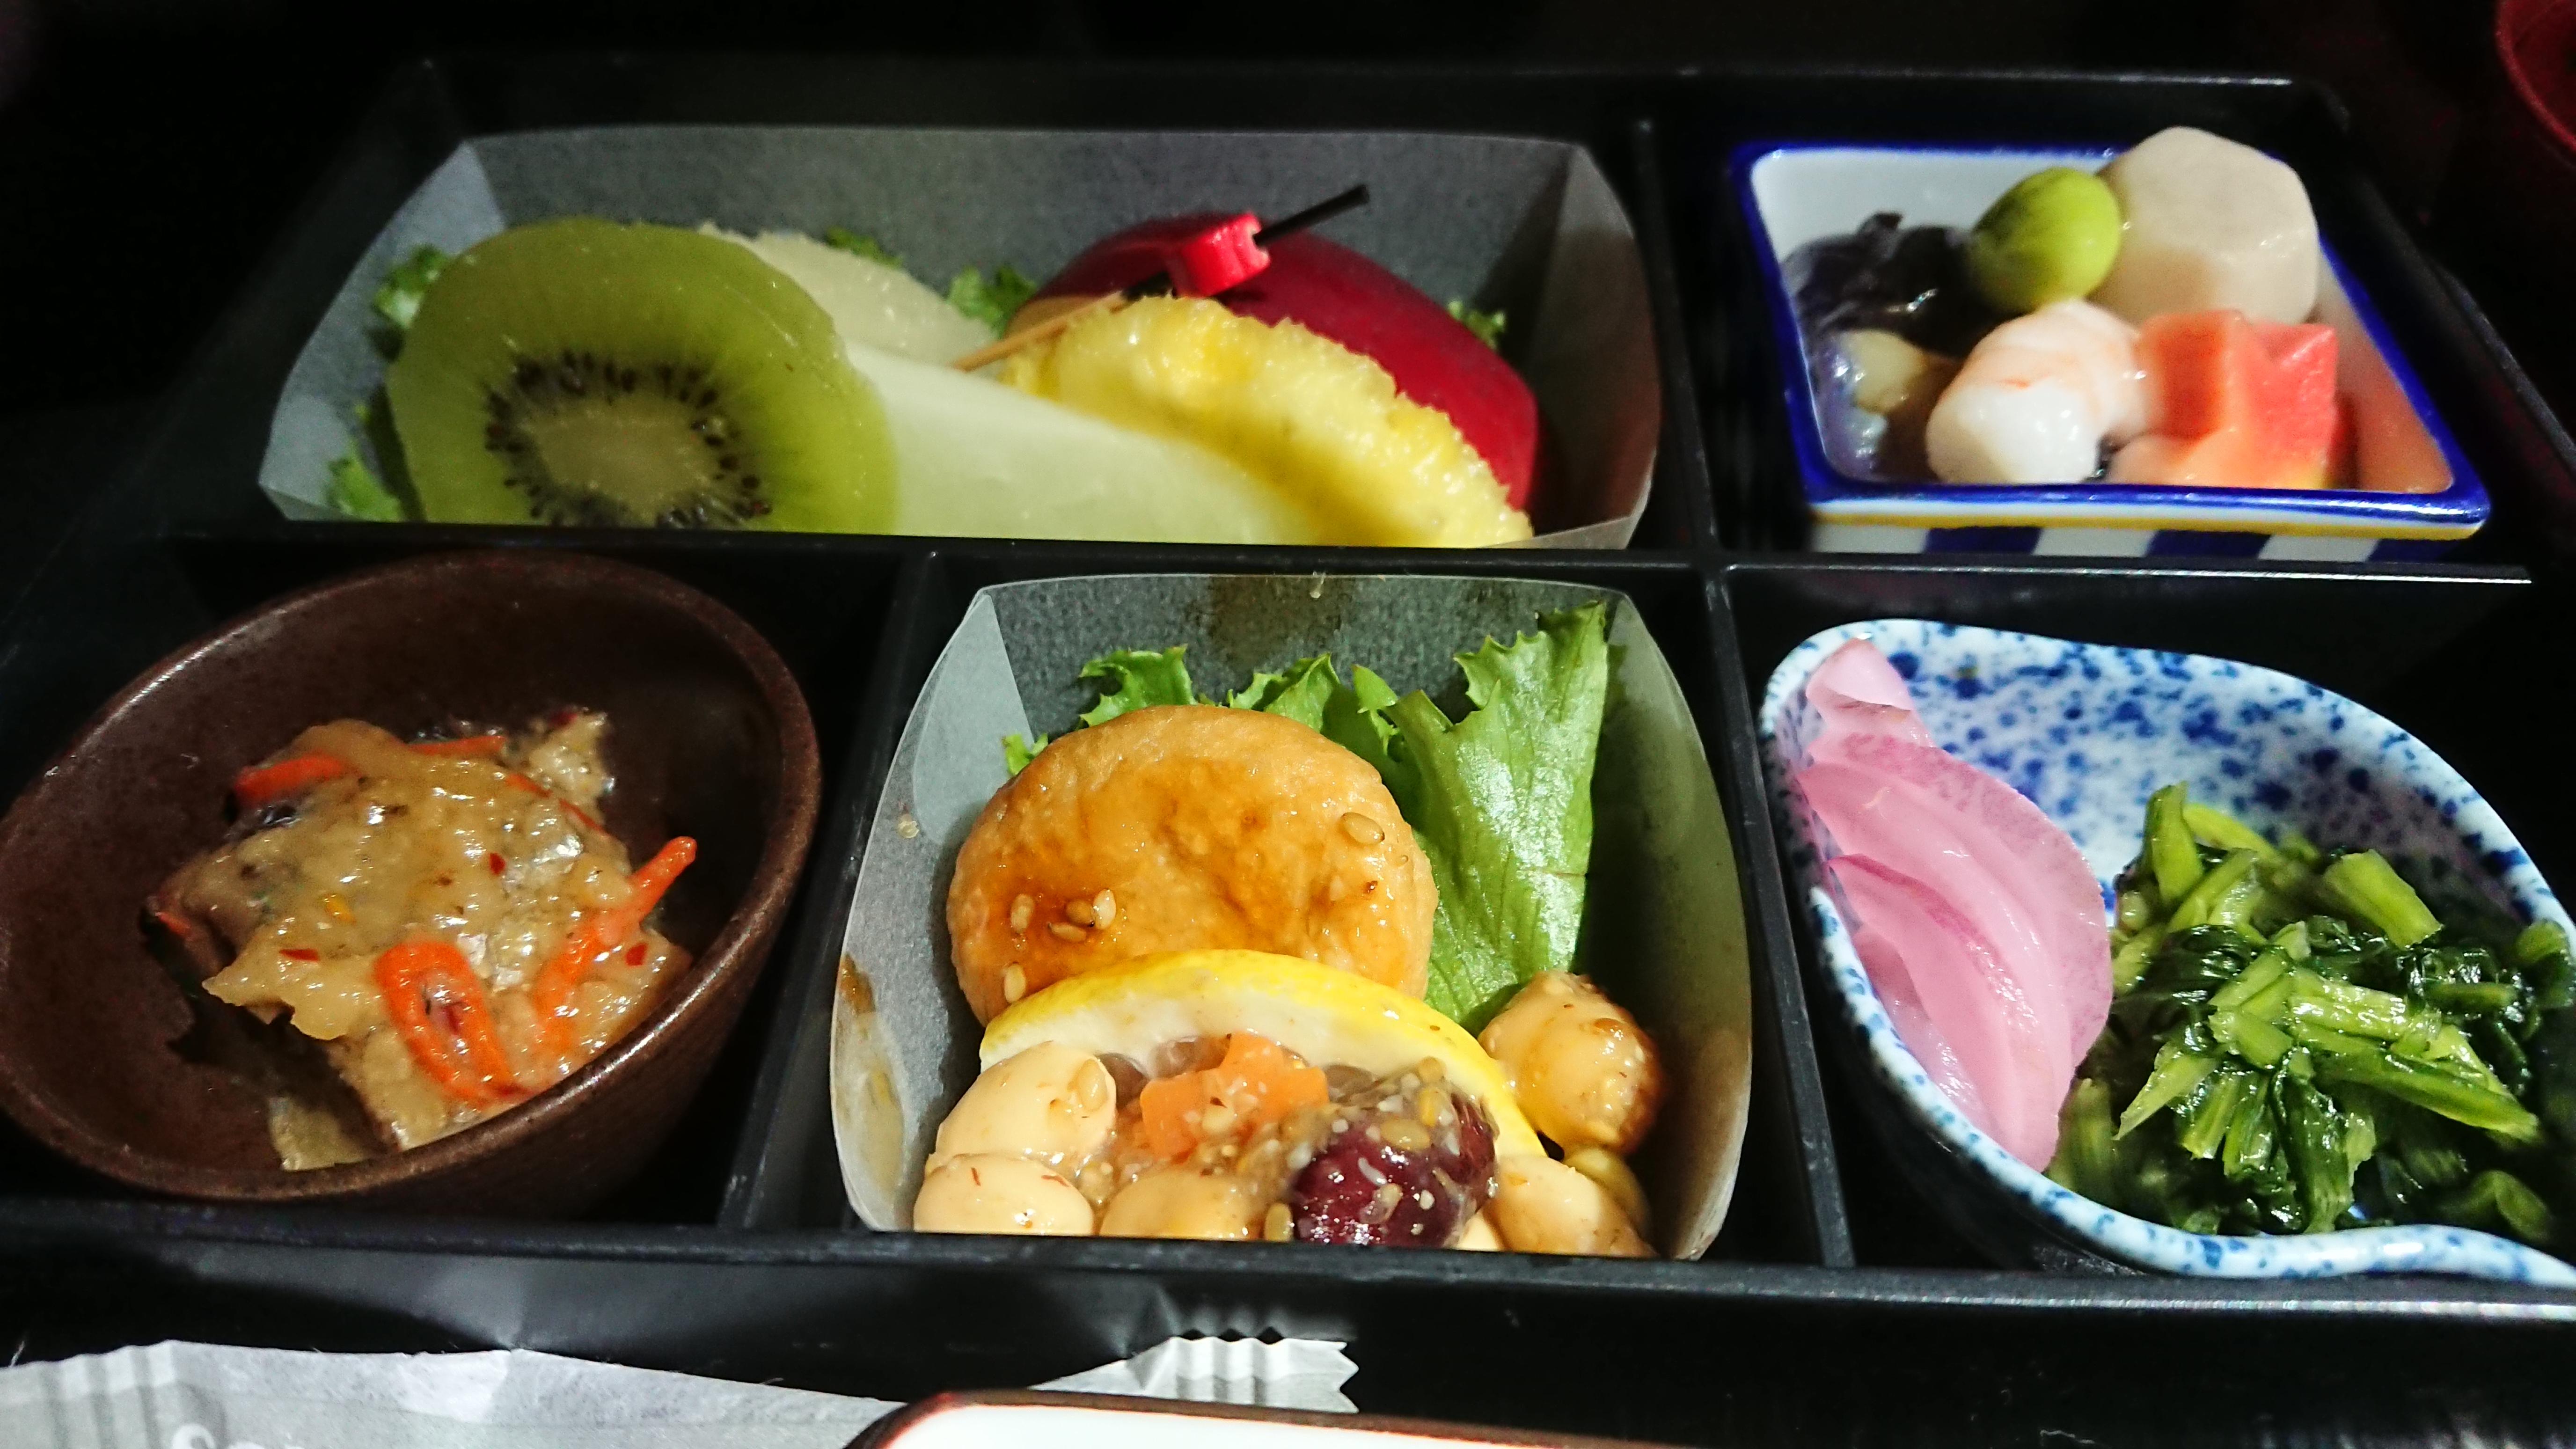 JL727 09SEP19 関空-バンコク ビジネスクラス 機内食